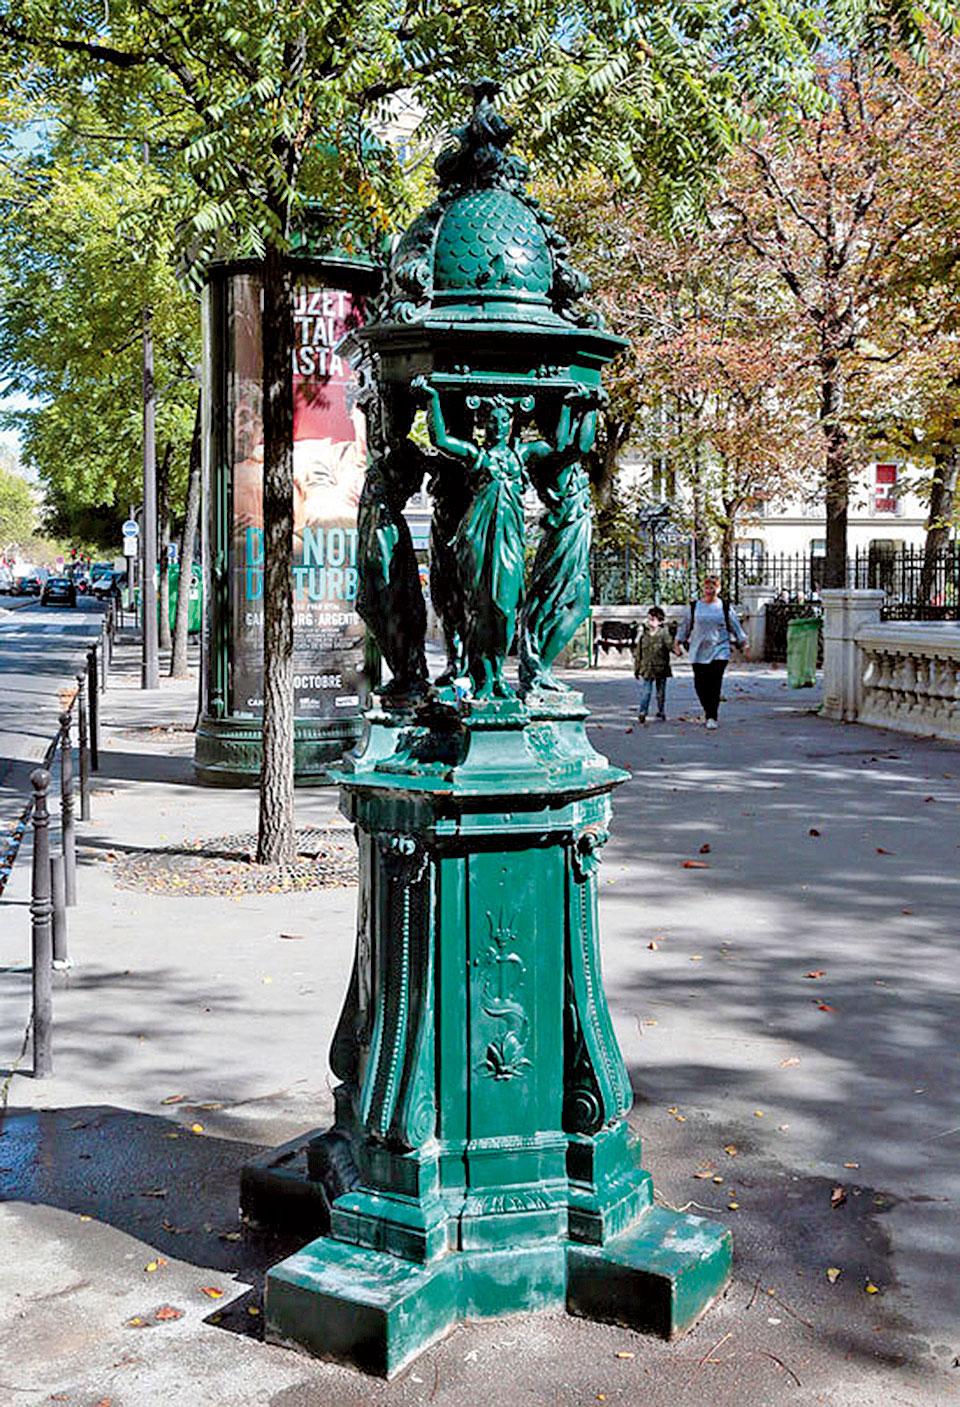 巴黎街頭的華萊士噴泉,仿自希臘藝術的女像柱是最大特徵,充滿古典氣質。(AFP)